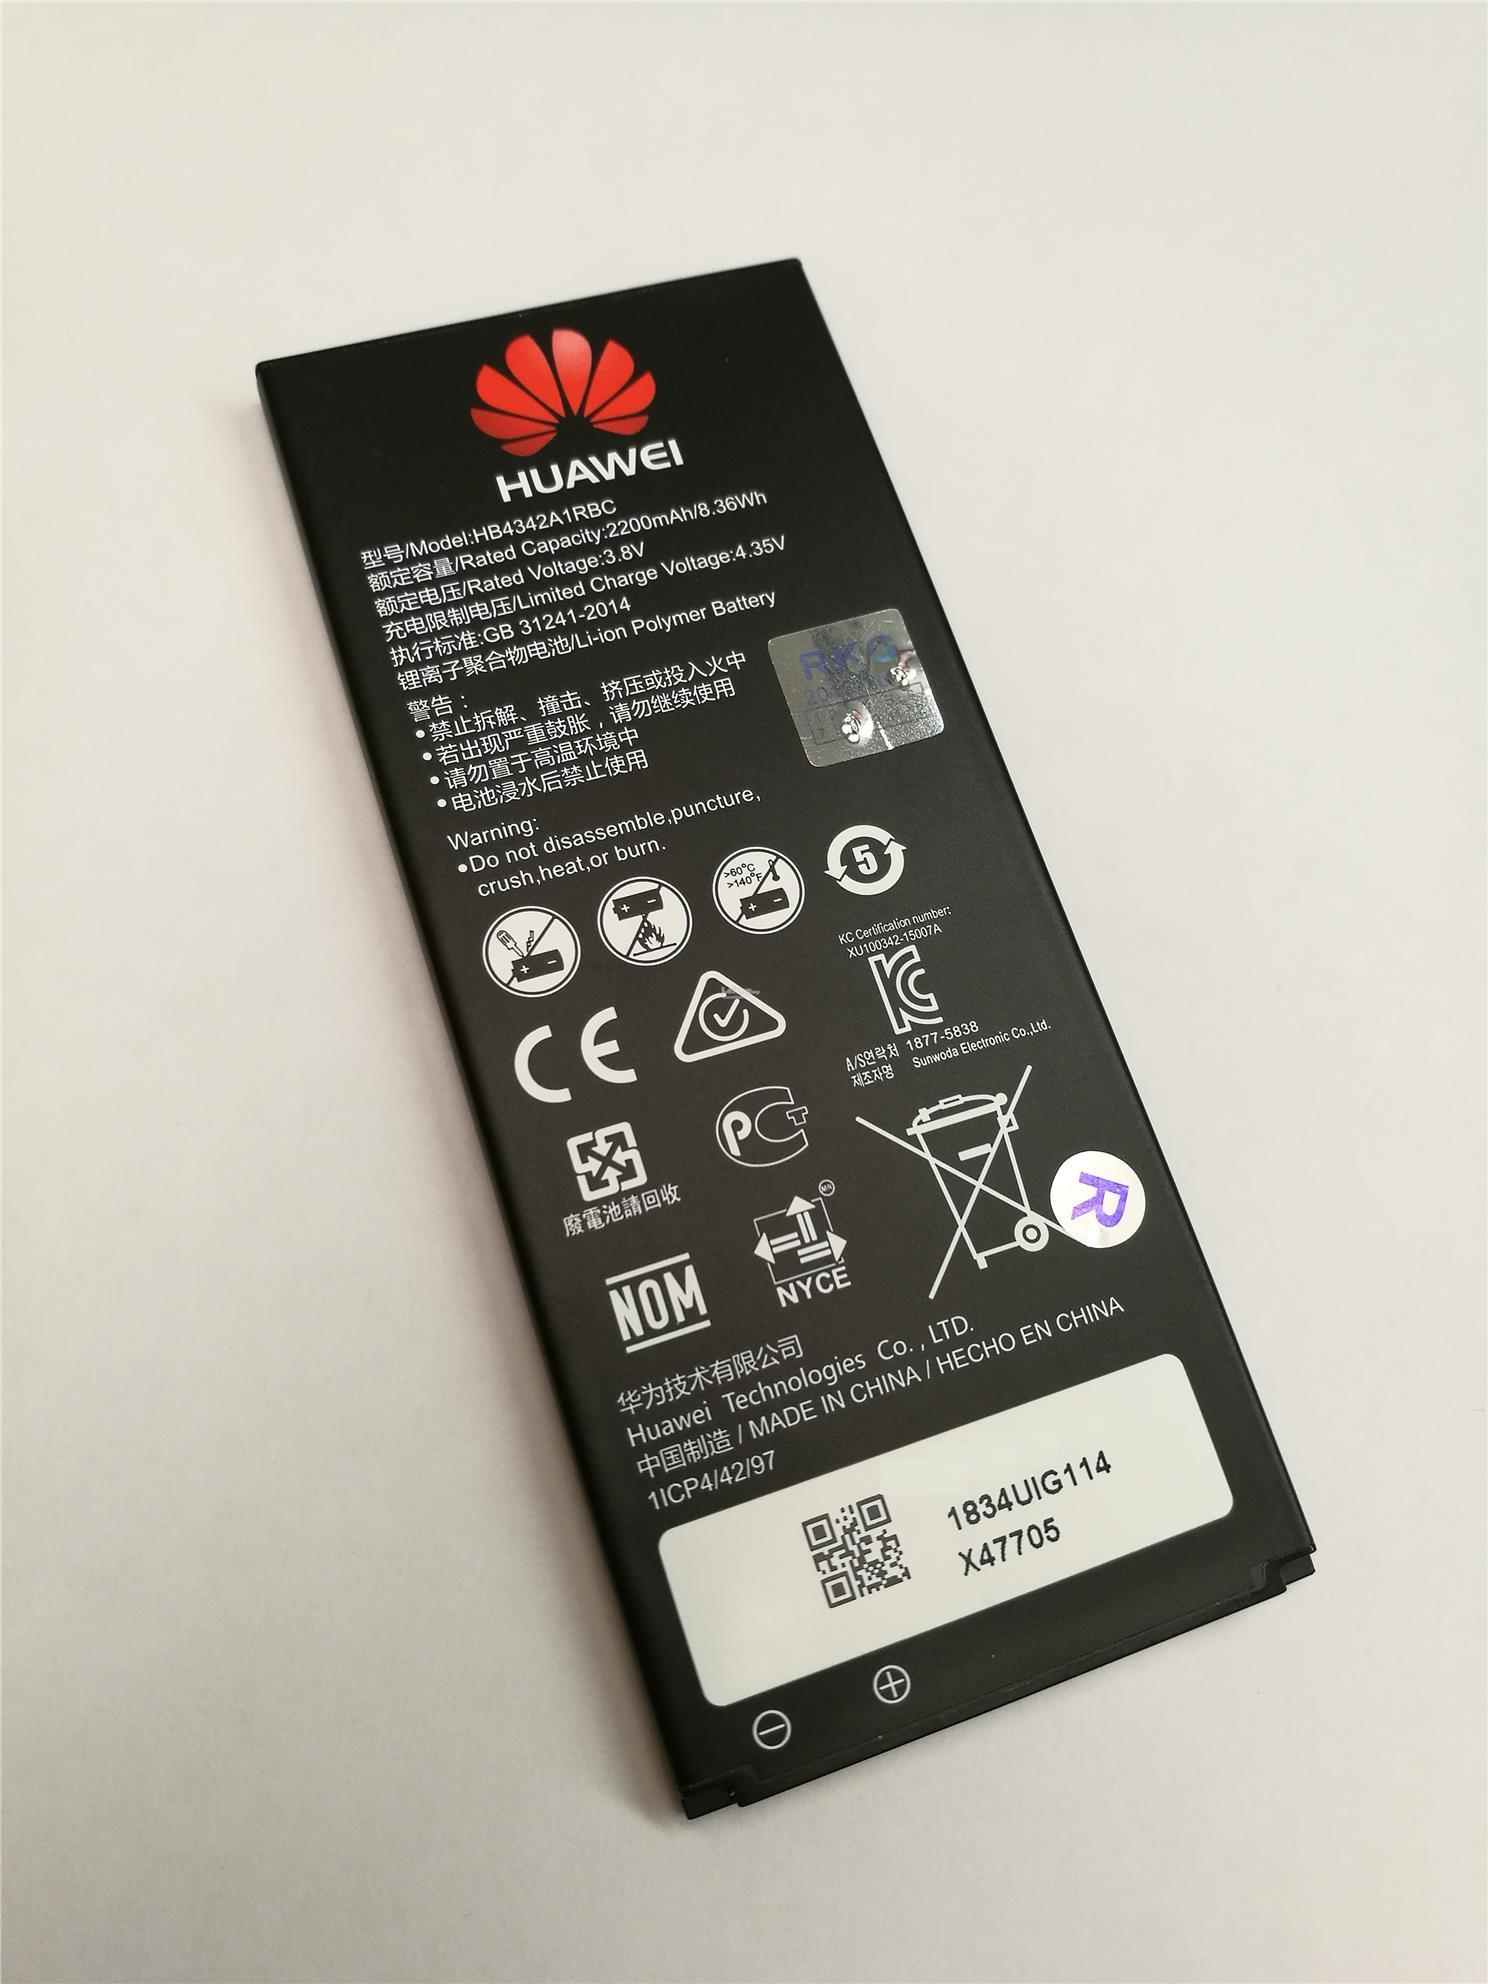 Tutoriel Huawei Honor 6 : remplacer la batterie (HD) - YouTube